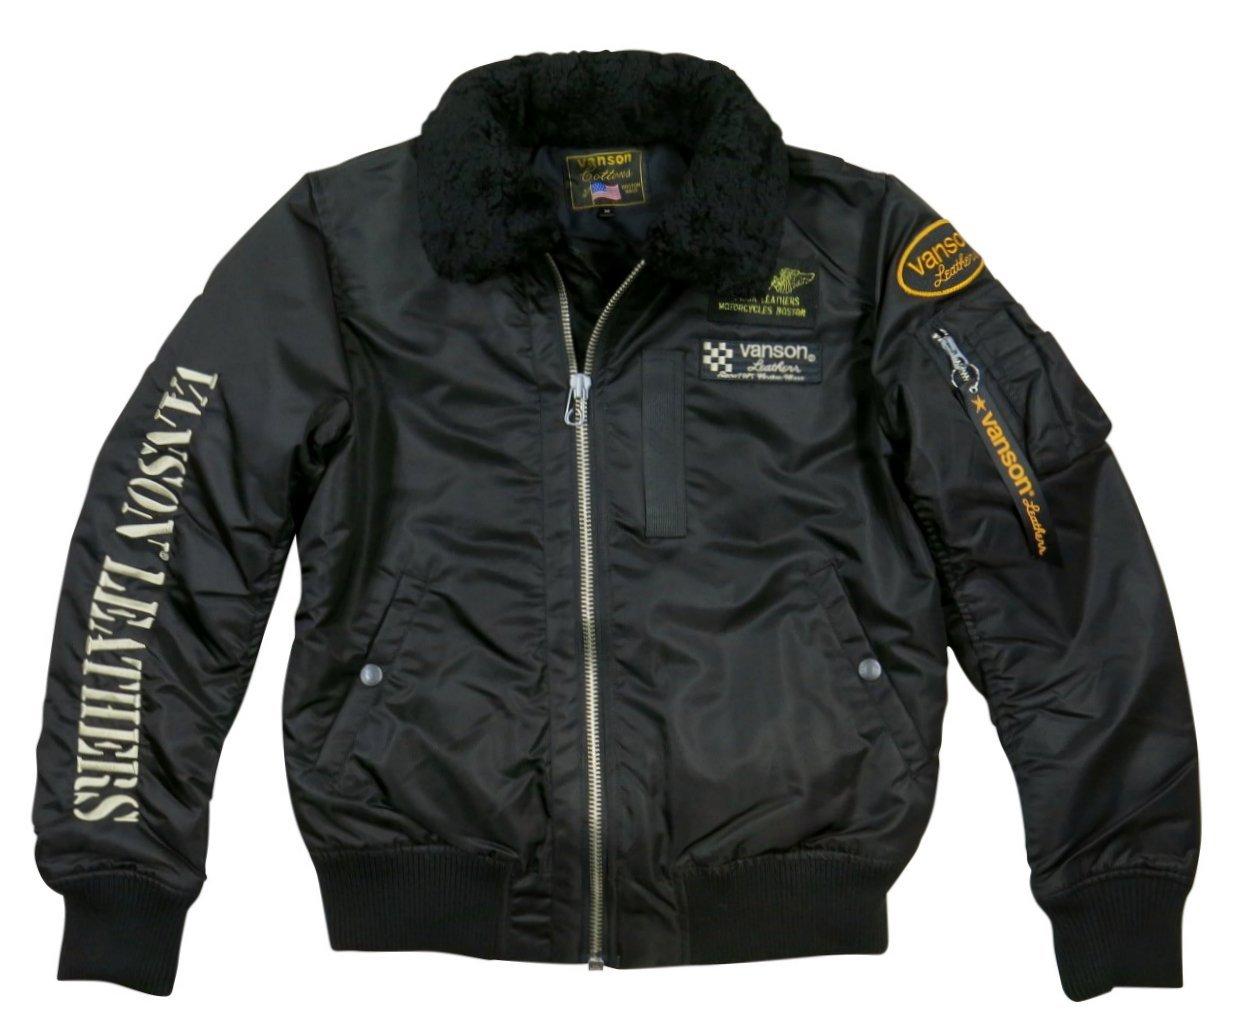 (バンソン)VANSON ムートン襟脱着 さがら刺繍 B-15 2WAY ミリタリー フライトジャケット B077FQ127N XXL|BLACK(ブラック) BLACK(ブラック) XXL